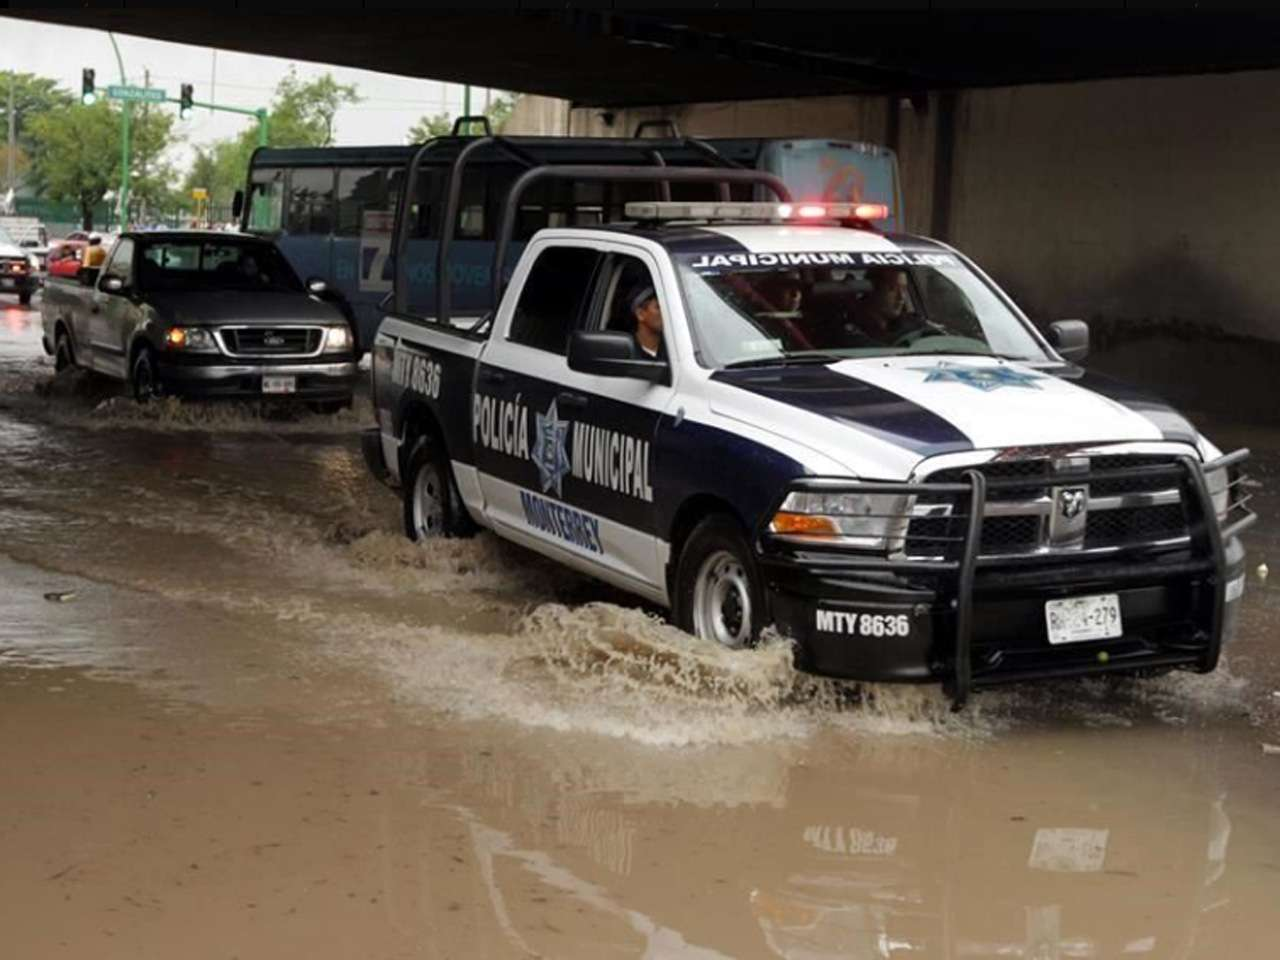 Una inundación en Lincoln bajo el puente de Gonzalitos, provocó caos vial y vehículos varados en ese lugar Foto: Reforma